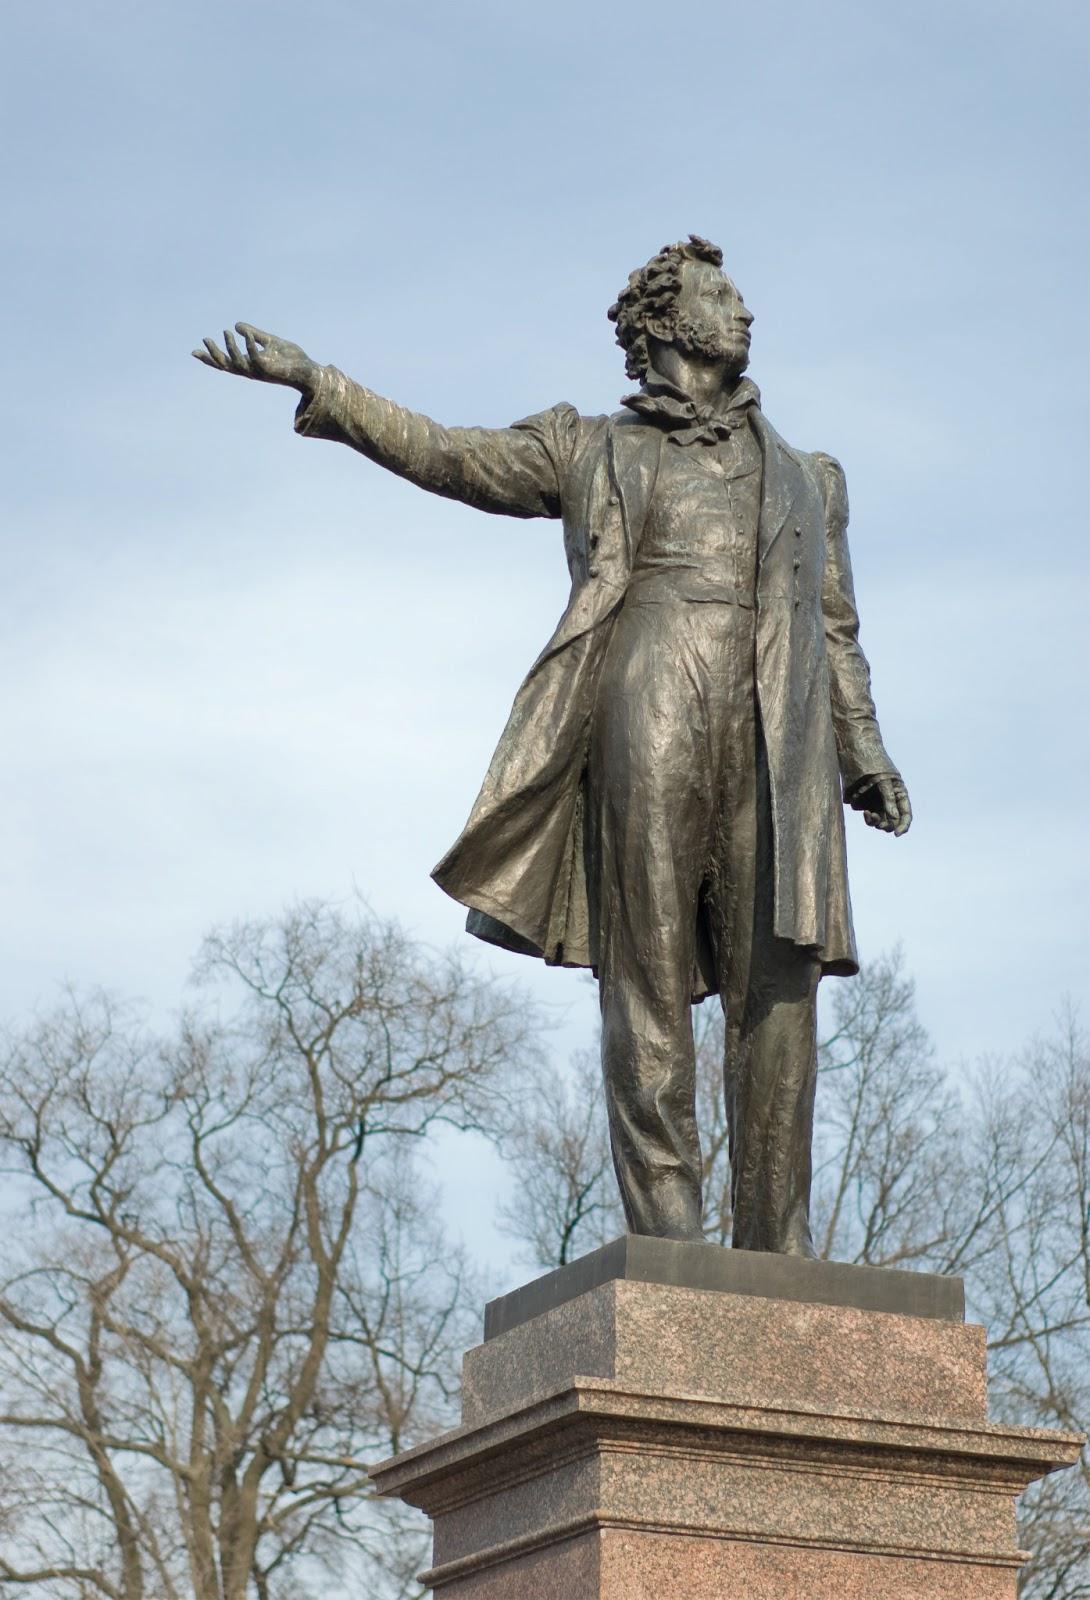 Изготовление памятников в пушкине 3 Площадь Мужества цены на памятники в иванове жодино